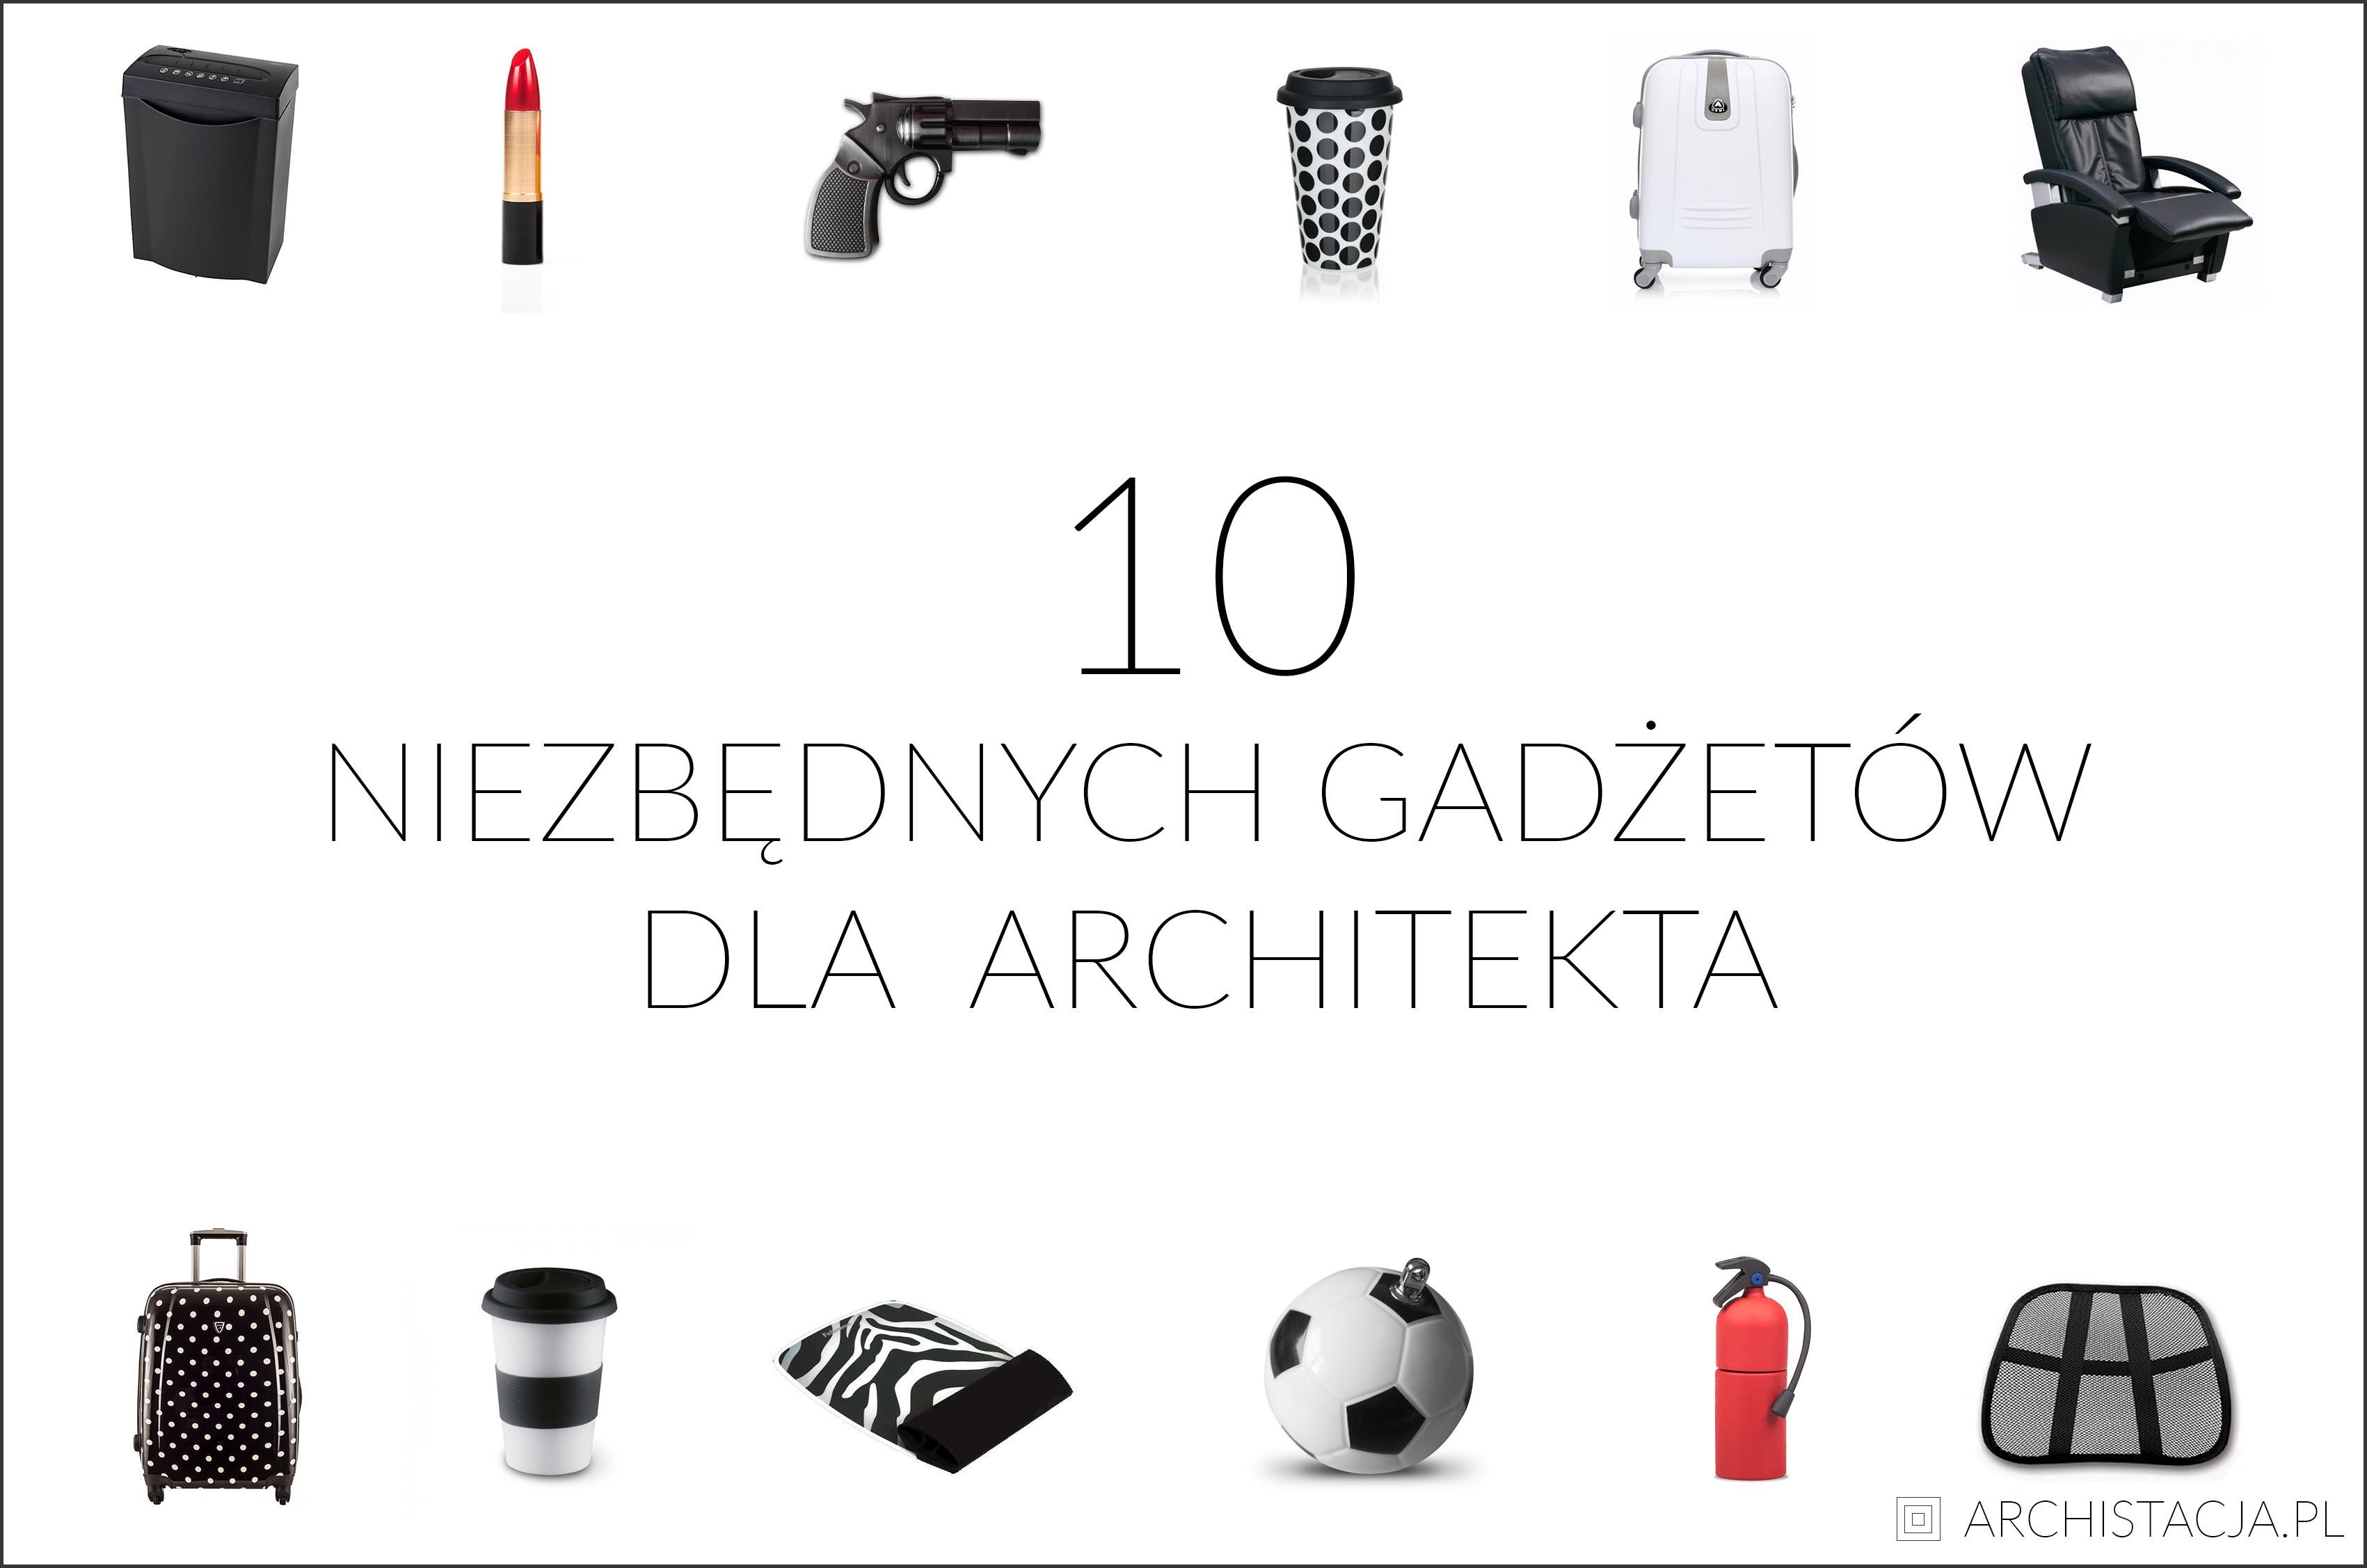 10 niezbędnych gadżetów dla architekta